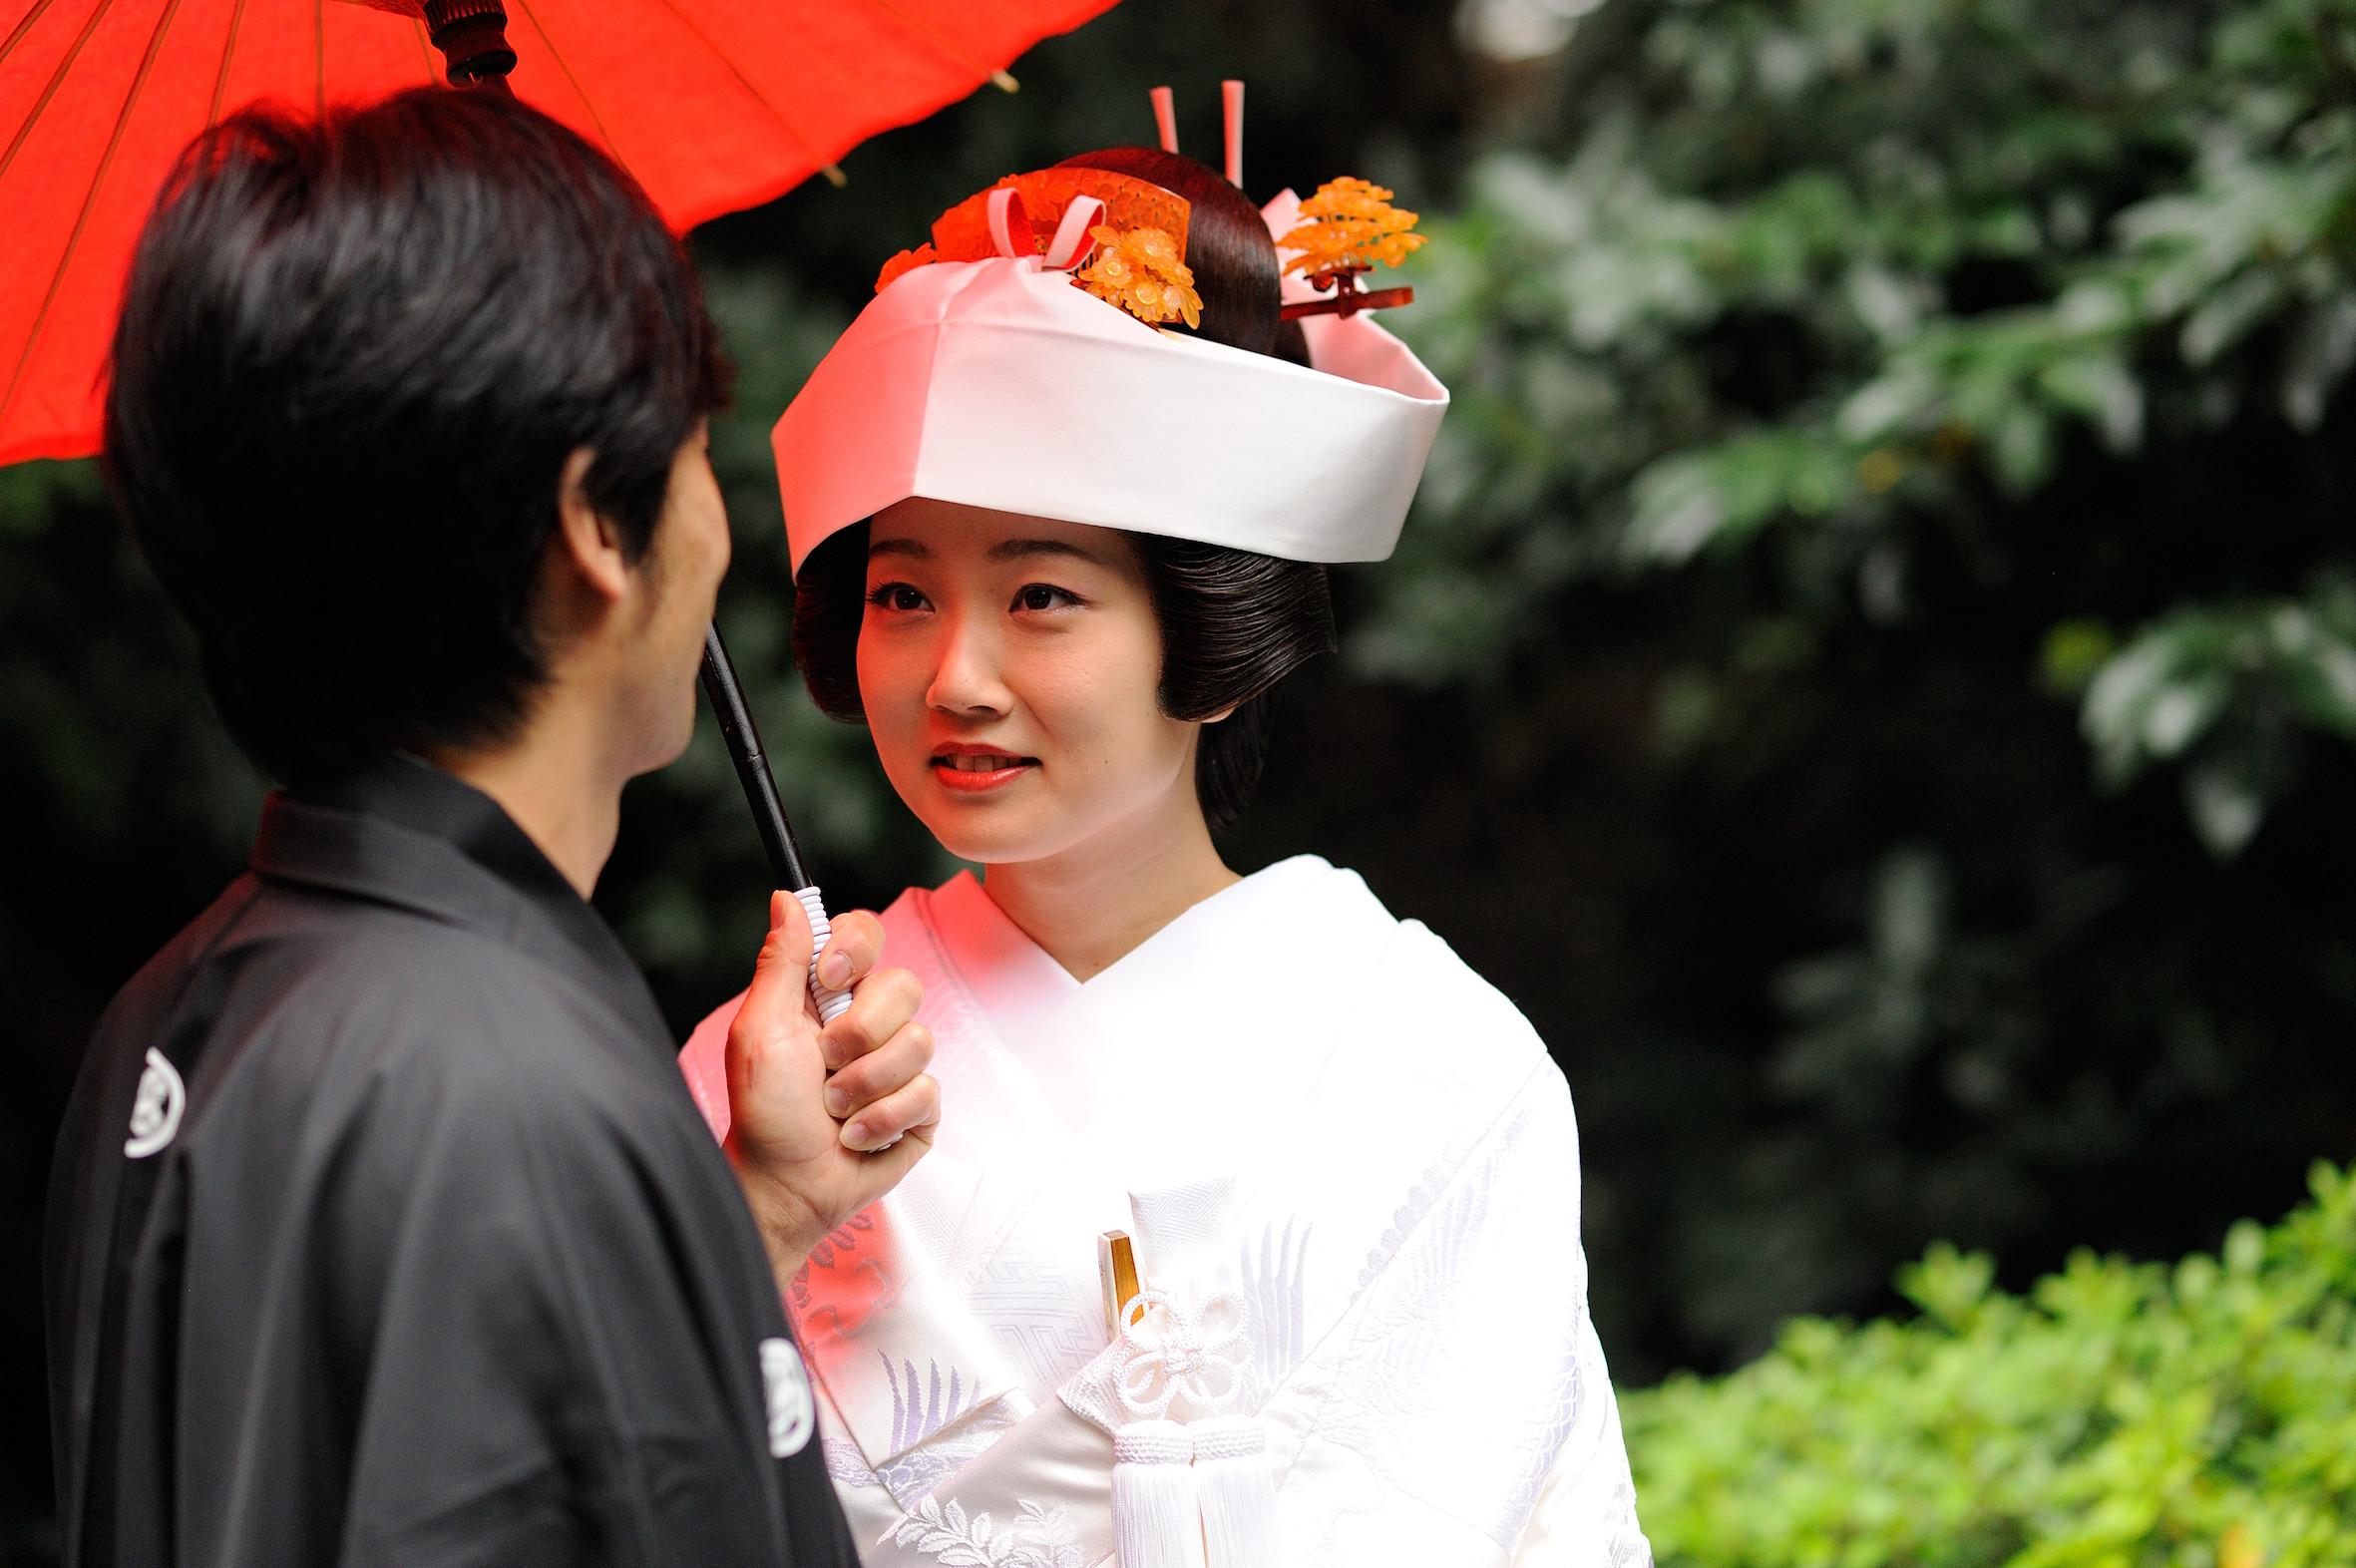 c54f183200e94 人前式はお招きした皆様に結婚を誓うスタイルですが、他の式に比べてオリジナリティが高いので、白無垢 や色打掛、極端な話ウエディングドレスでも、挙式が可能です。